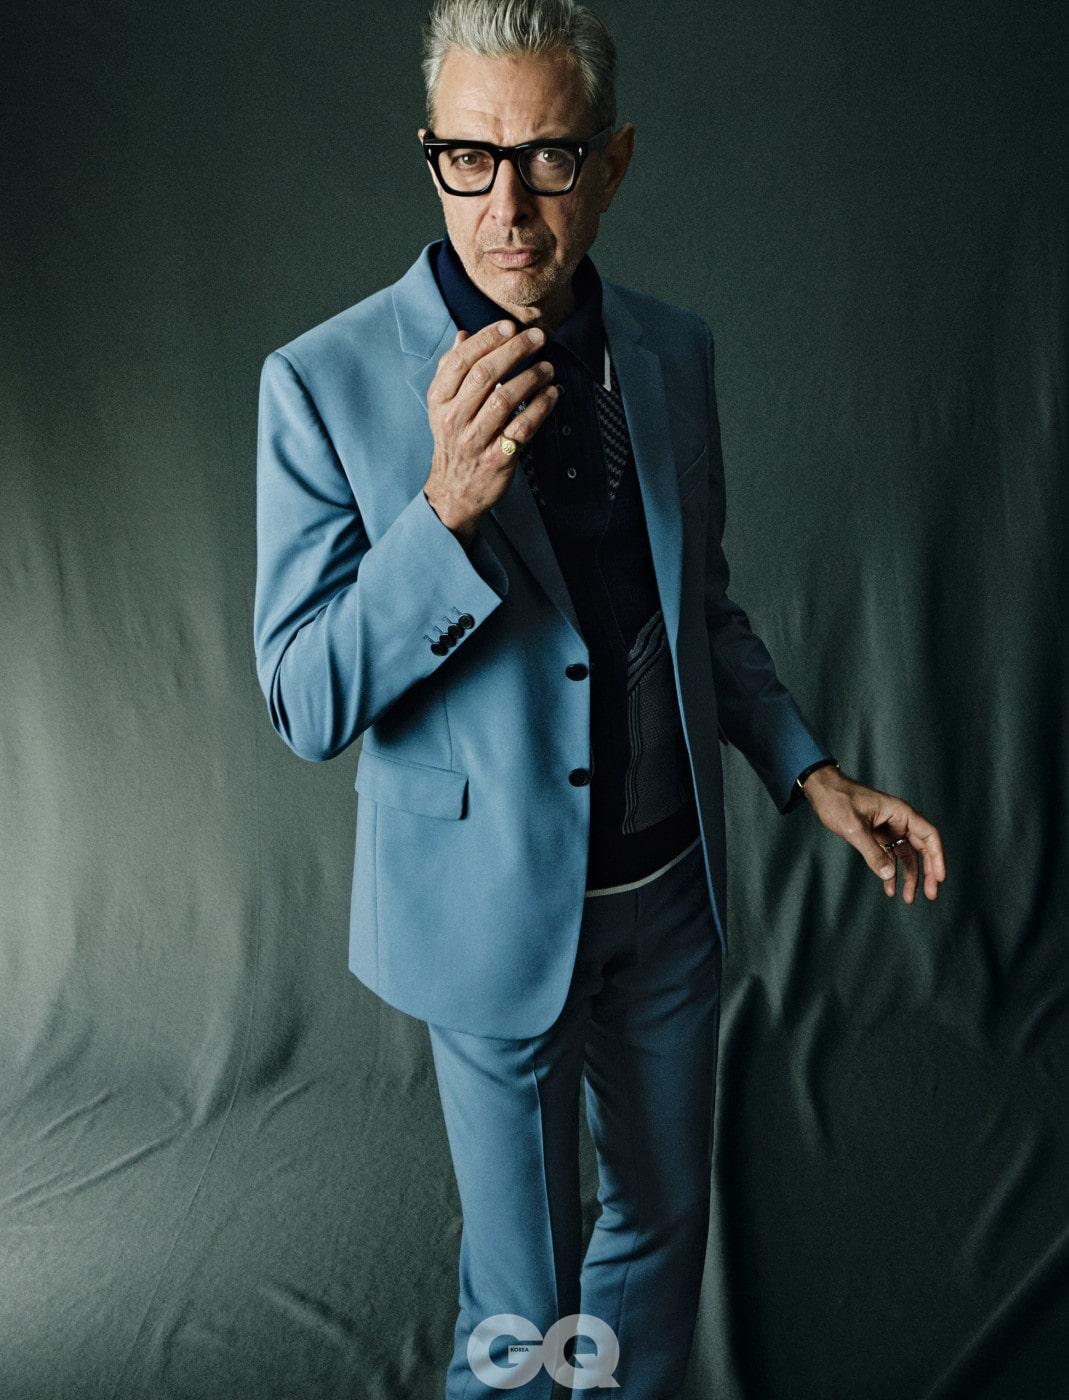 재킷, 폴로 셔츠, 팬츠, 모두 프라다. 시계, 주얼리, 안경은 제프 골드블럼의 것.